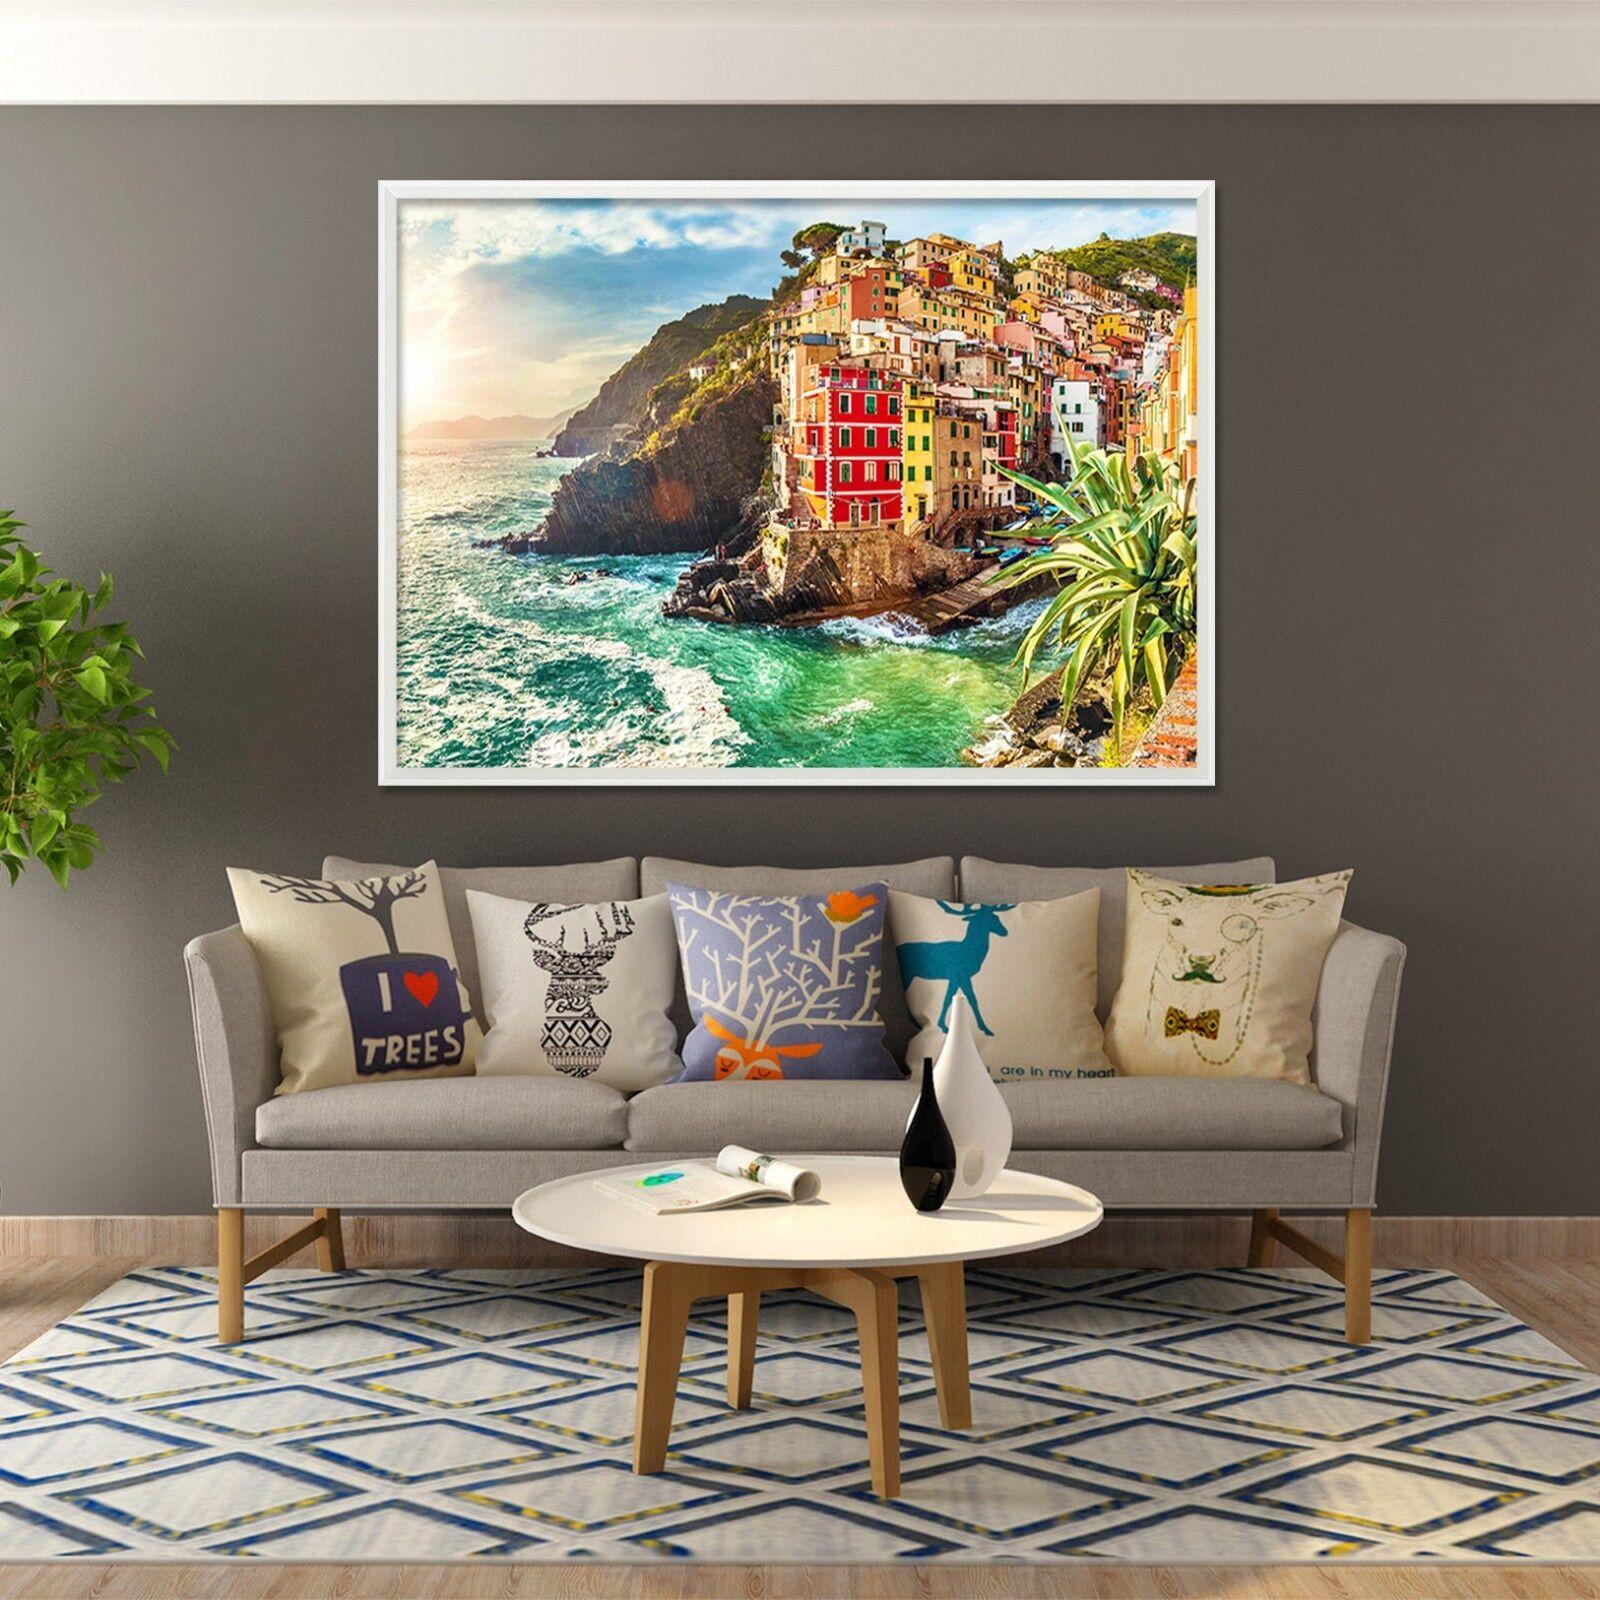 3D Cinque Terre Mar 2 Póster Enmarcado Decoración del Hogar Pintura de Impresión Arte Wallpaper